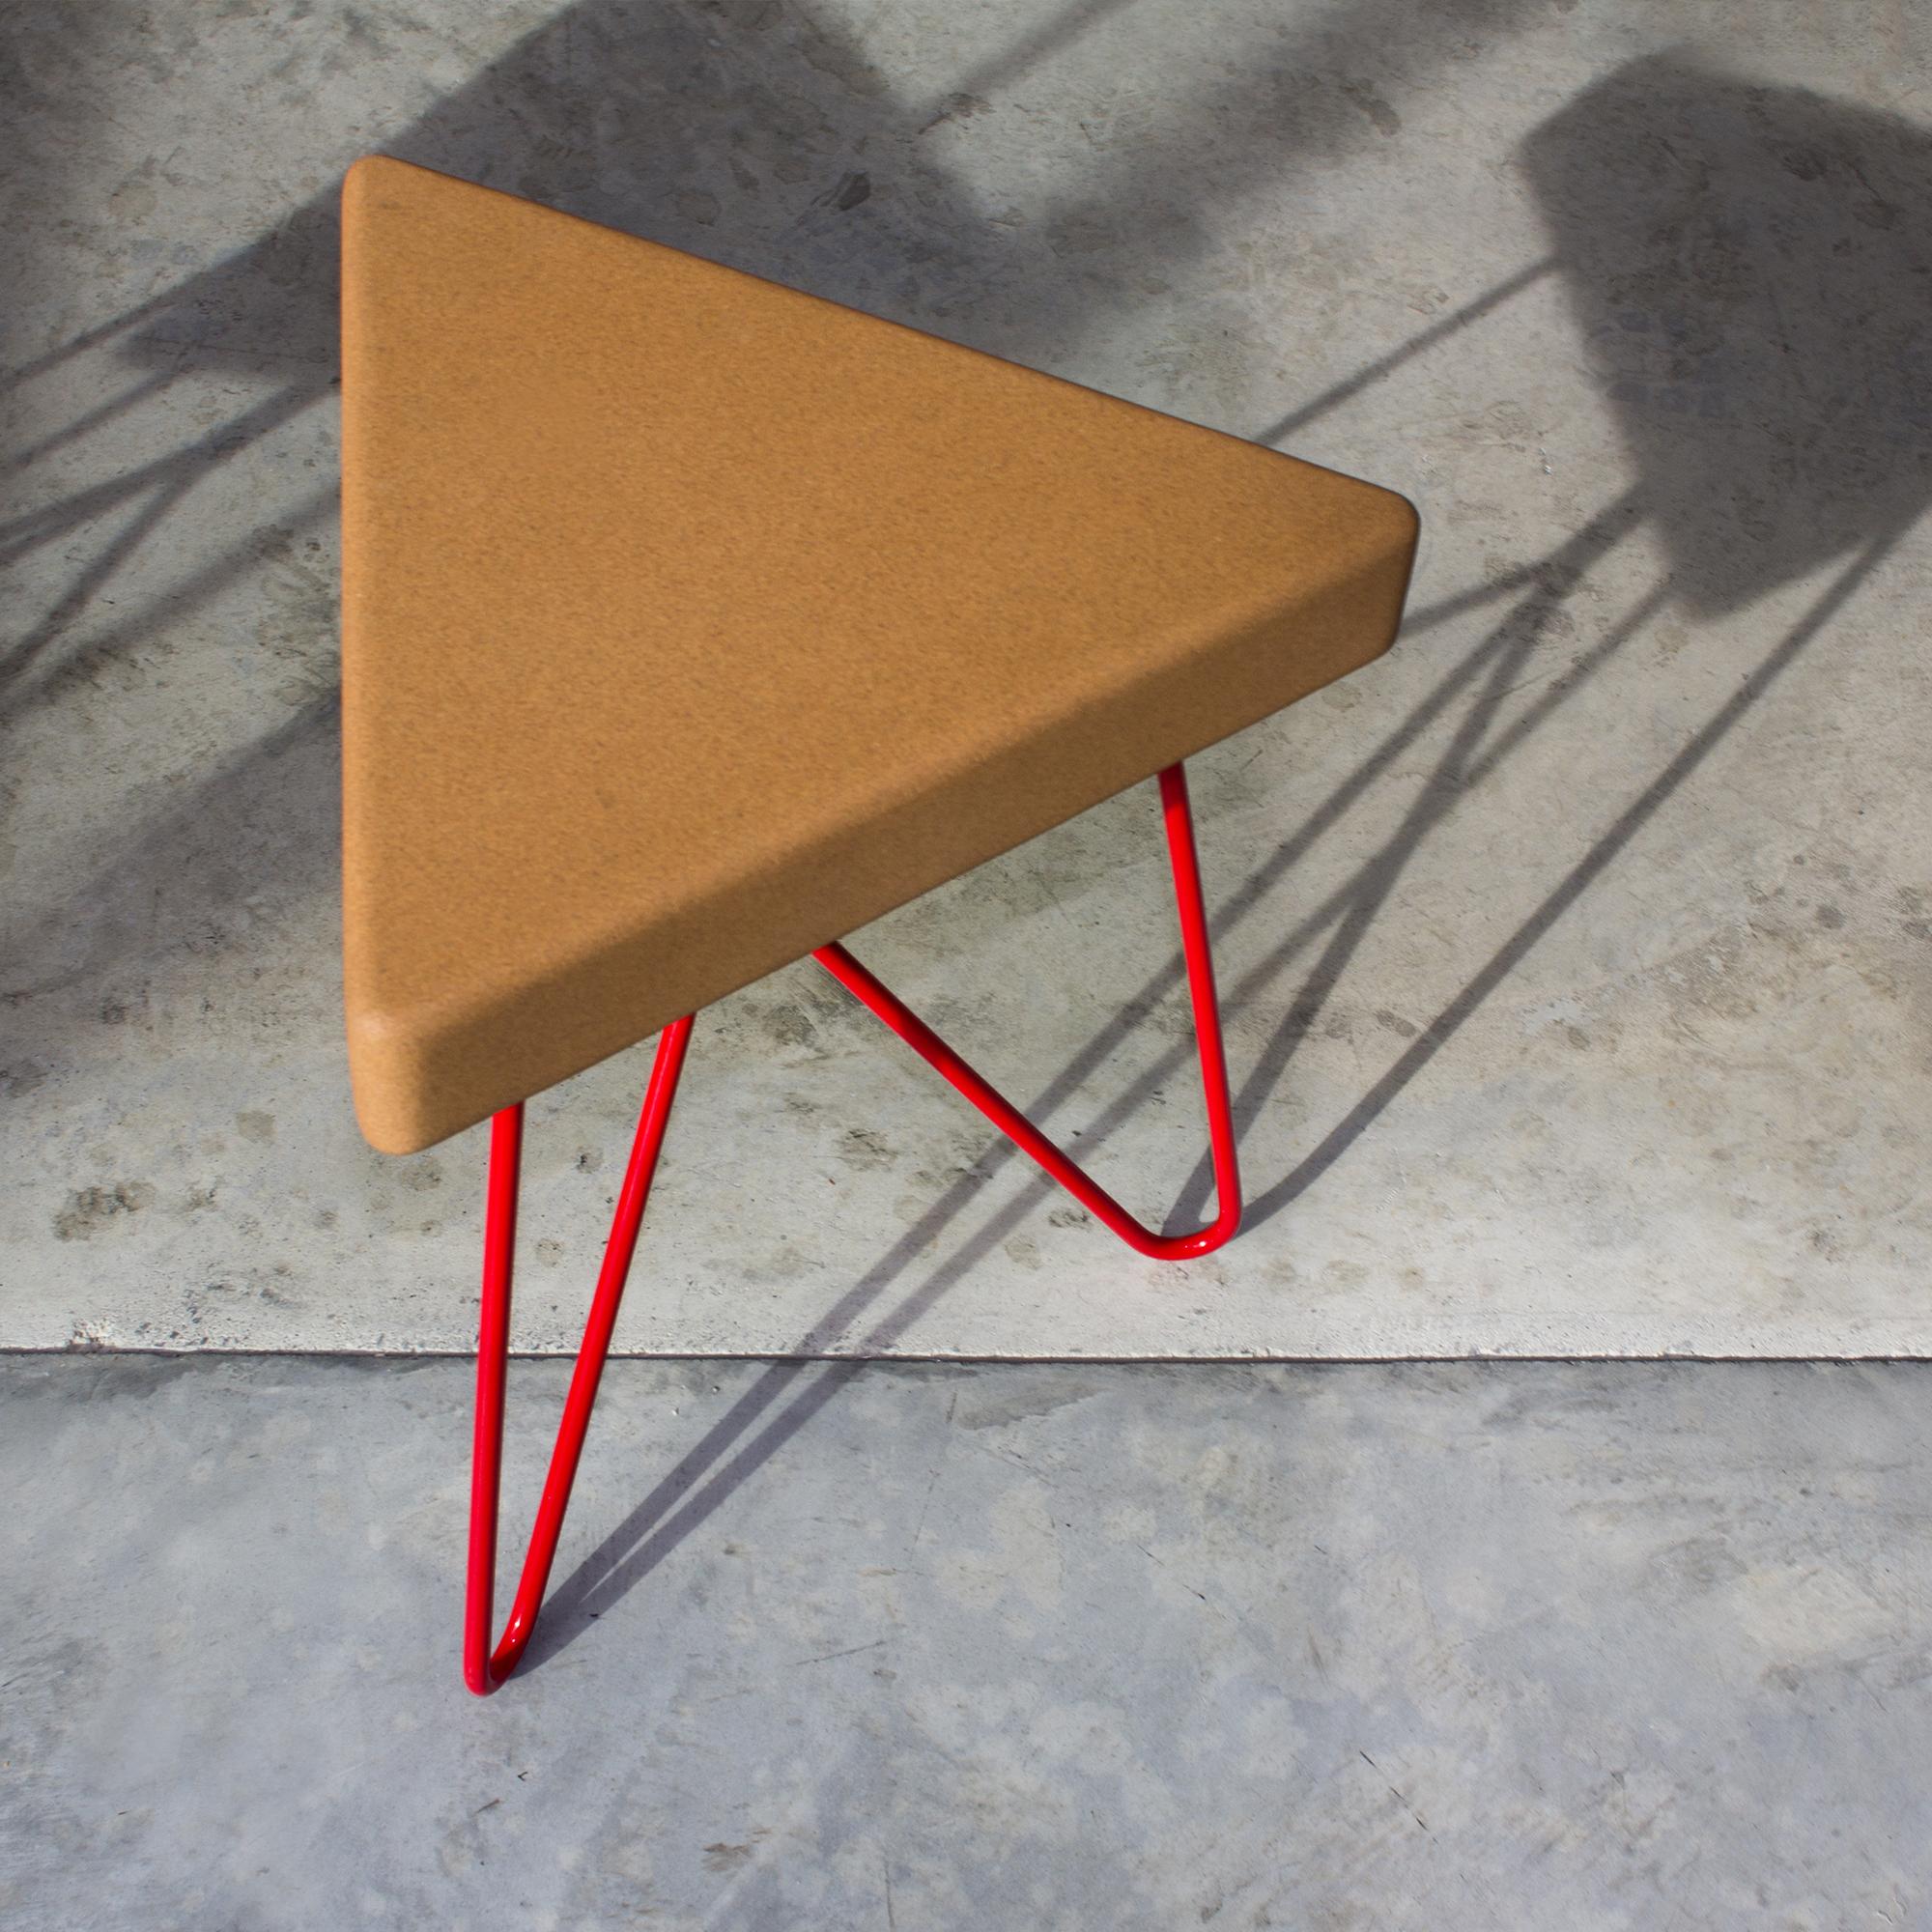 'Três' stool or table - 'Três' stool/table, light cork and red legs. This stool or table is modular and perfect for small homes!Banco/mesa 'Três', cortiça clara e pernas vermelhas. Este banco ou mesa é modular e perfeito para casas pequenas!